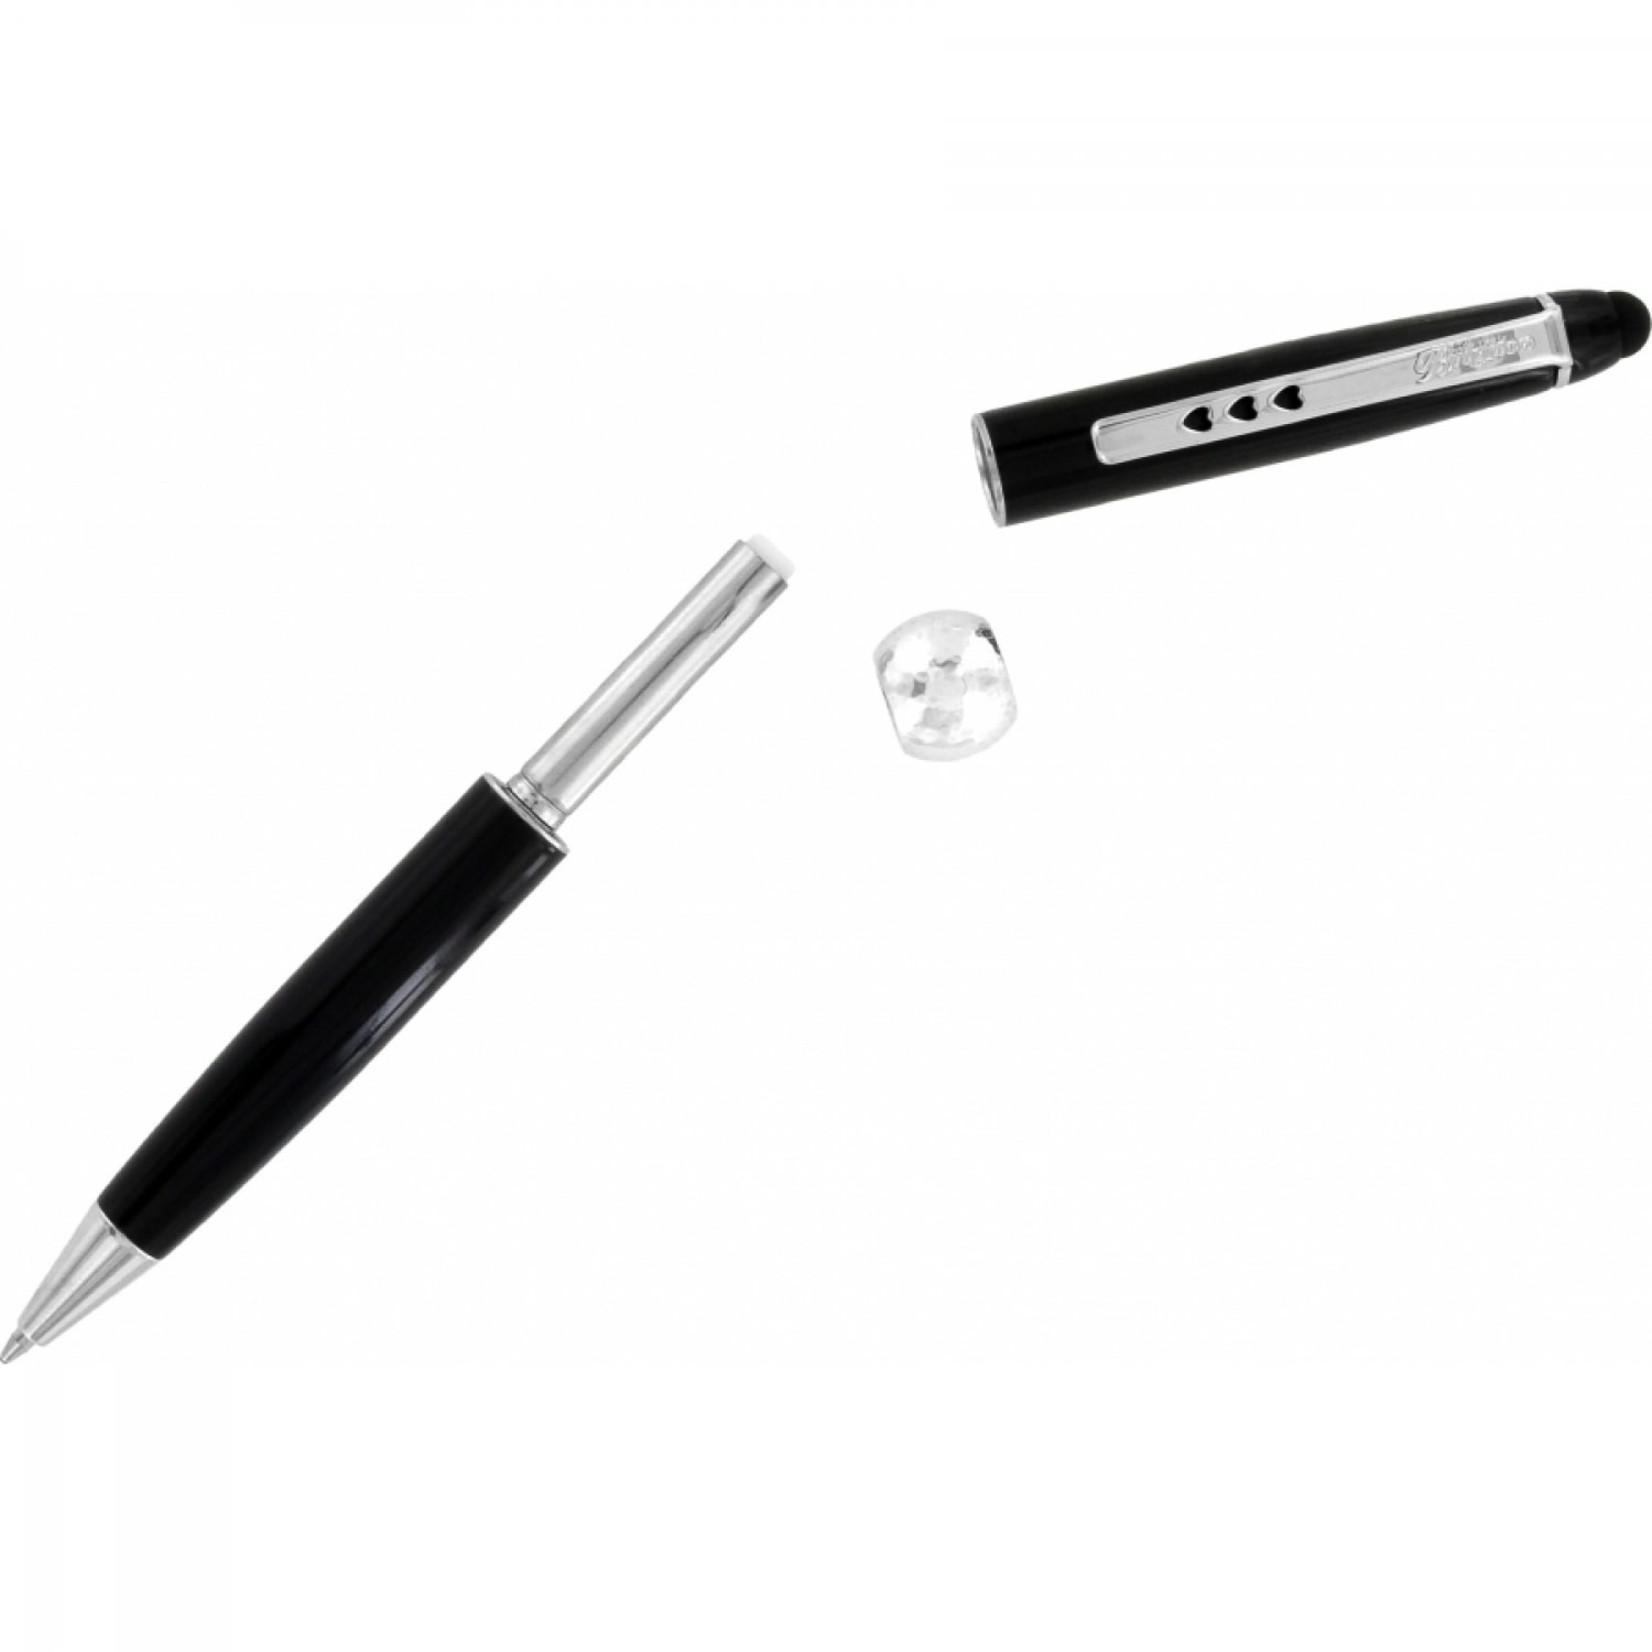 Brighton JC0360 Pen Pal Stylus Long Charm Pen - Black/Silver